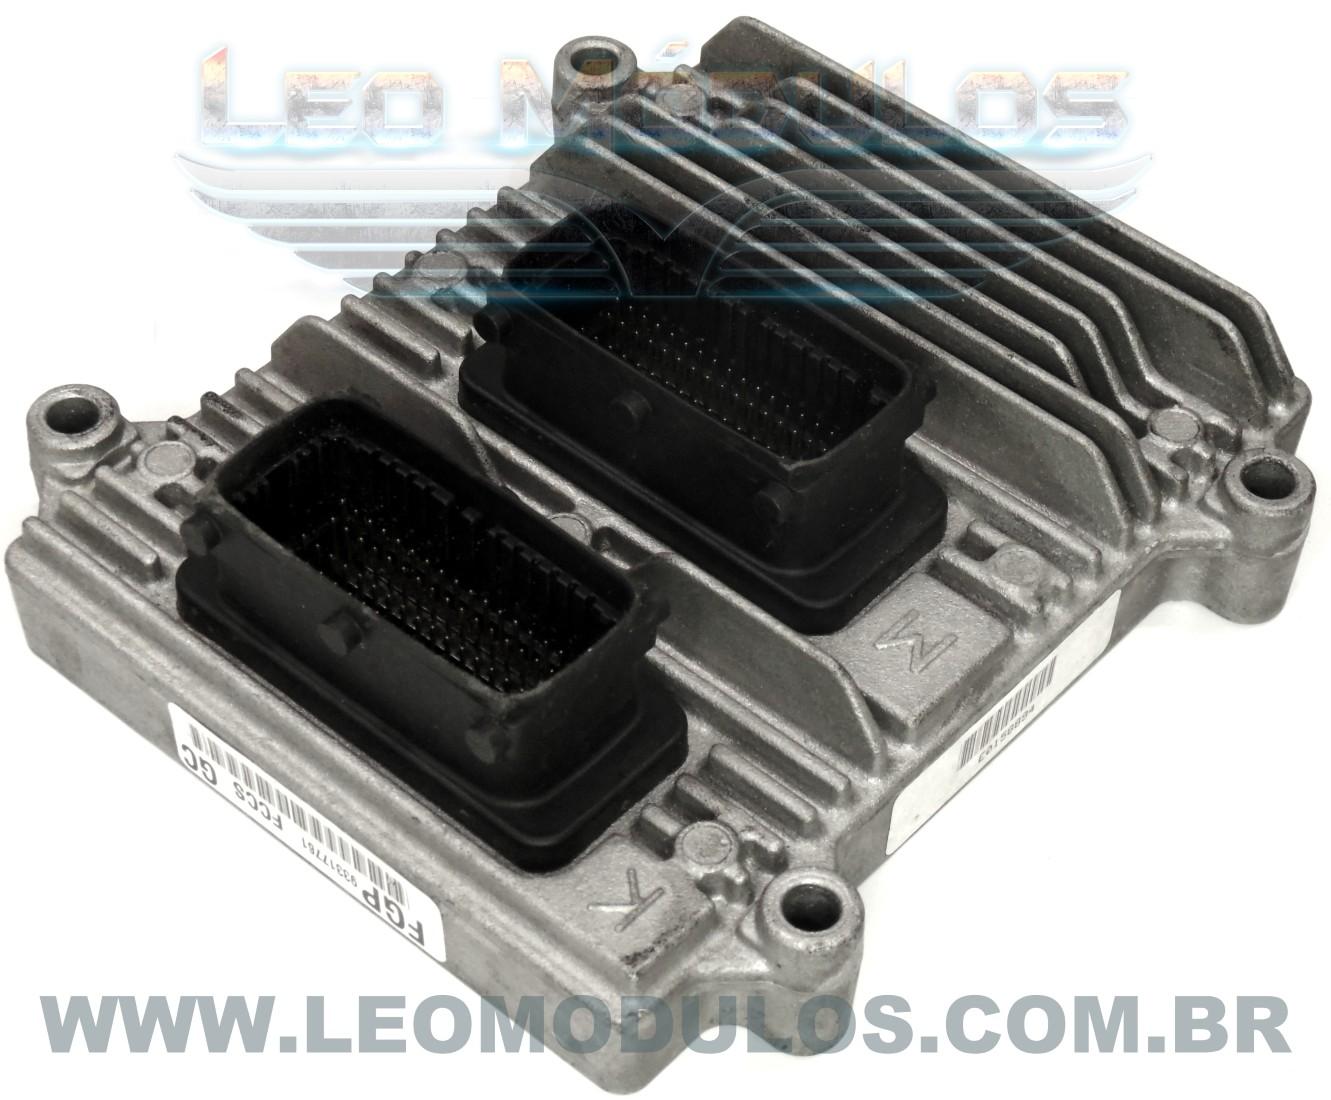 Módulo de injeção multec HSFI 2.3 - FCCS GC 93317761 - Chevrolet Montana 1.8 8V Flex - FCCS GC - Leo Módulos